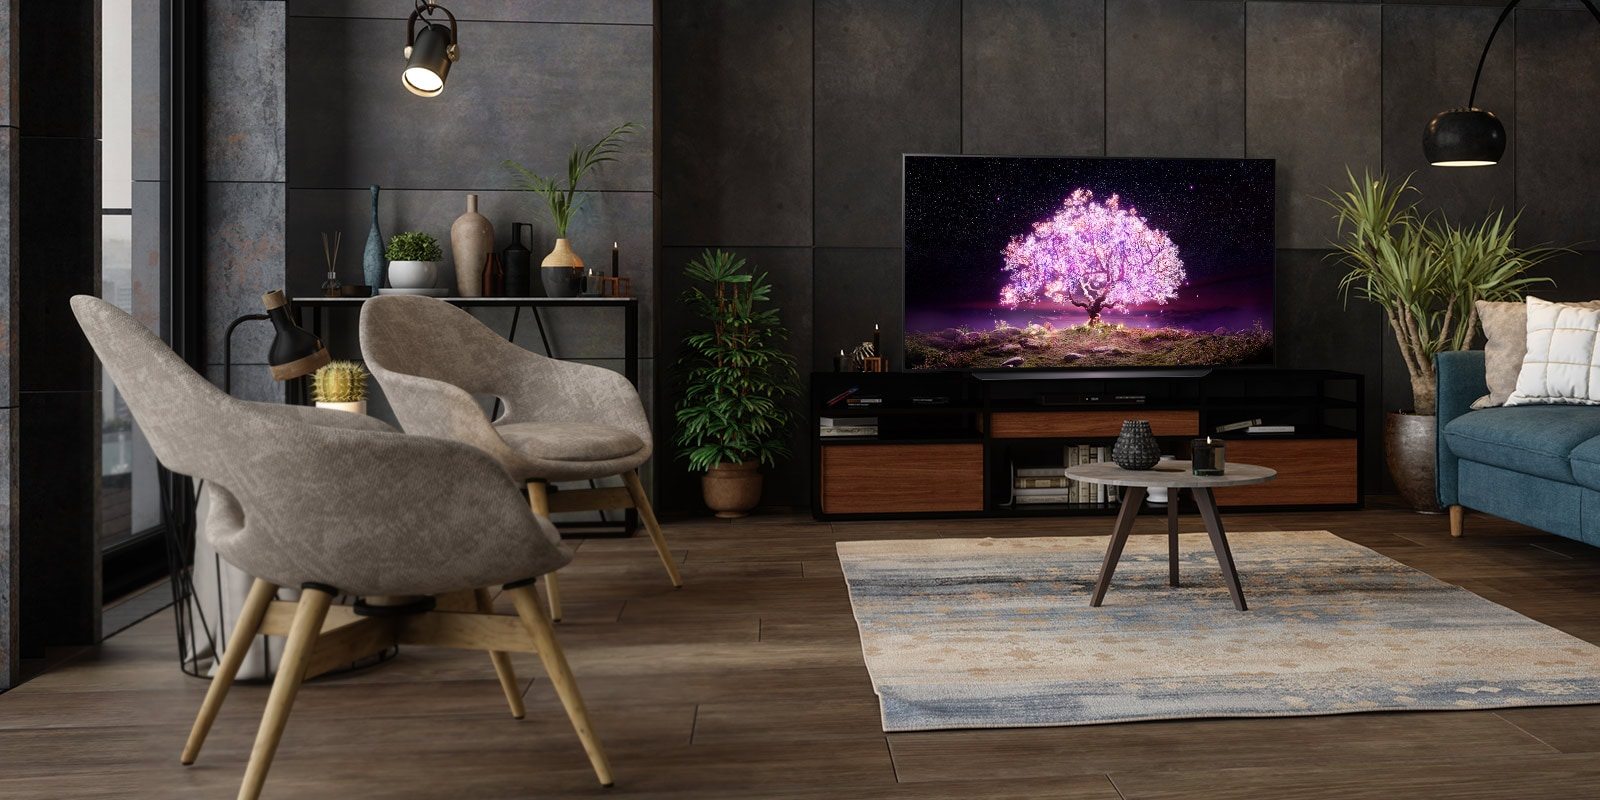 Телевизор в роскошной домашней обстановке демонстрирует дерево, излучающее фиолетовый свет.